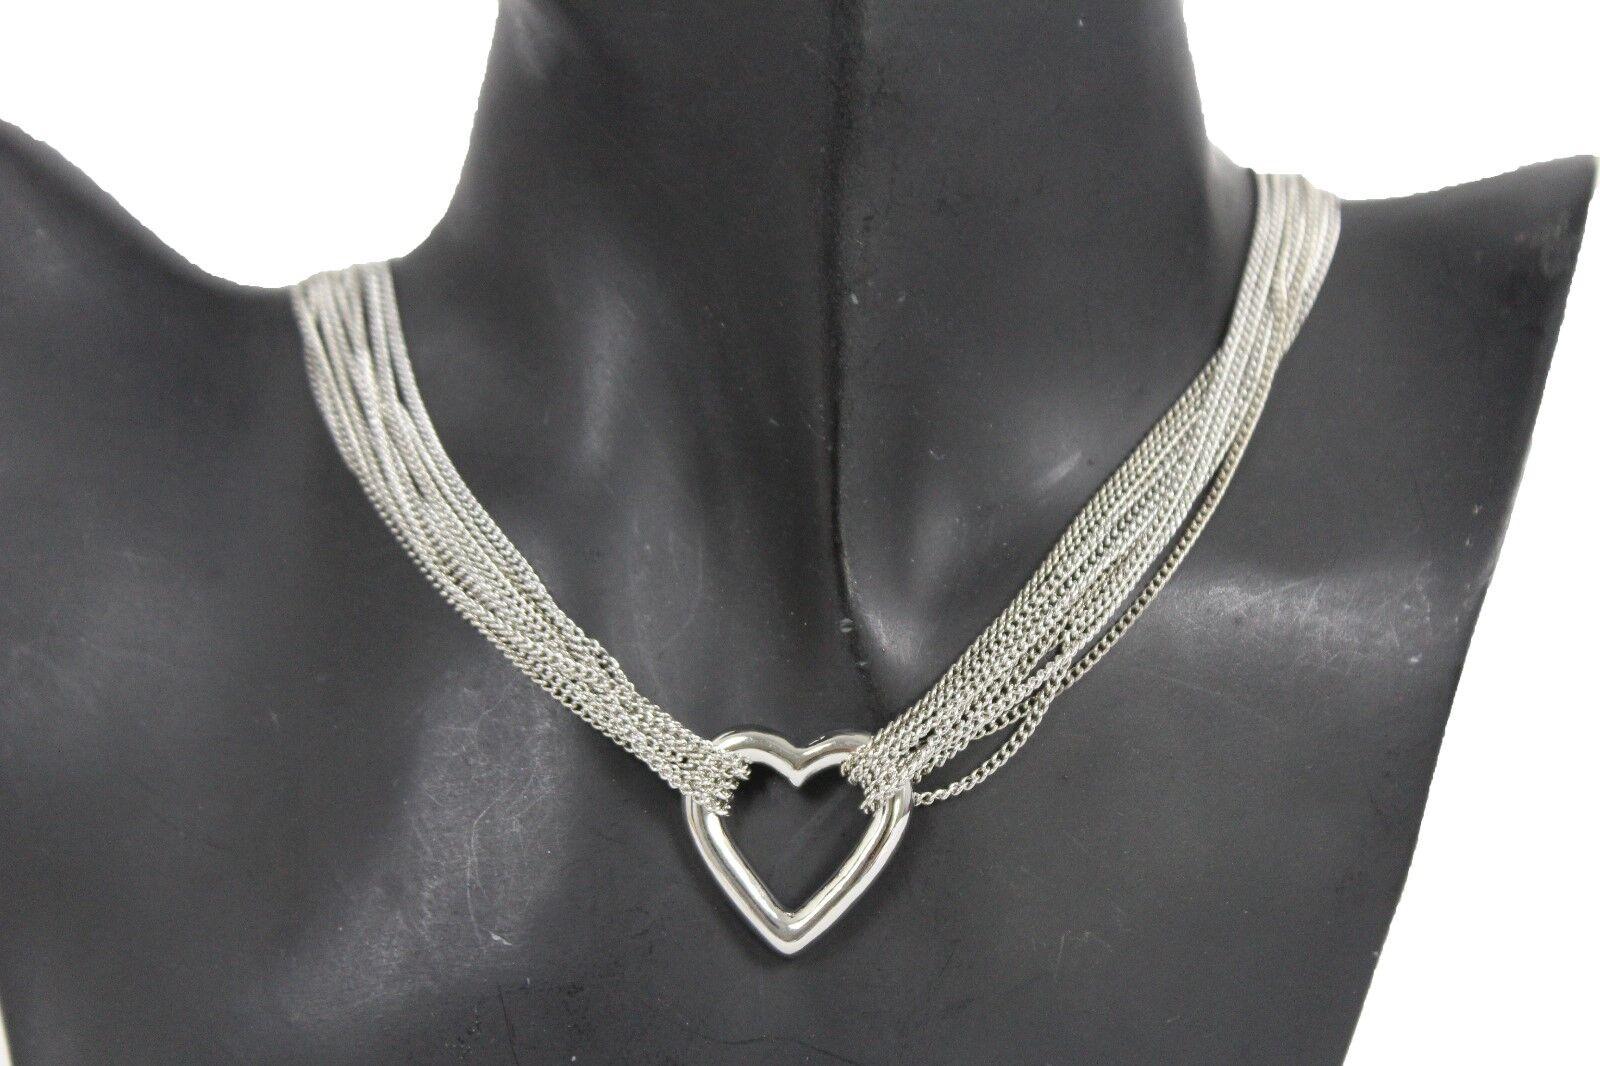 donna argento catena di metallo FILAMENTI collana alla moda Cuore Amore Amicizia